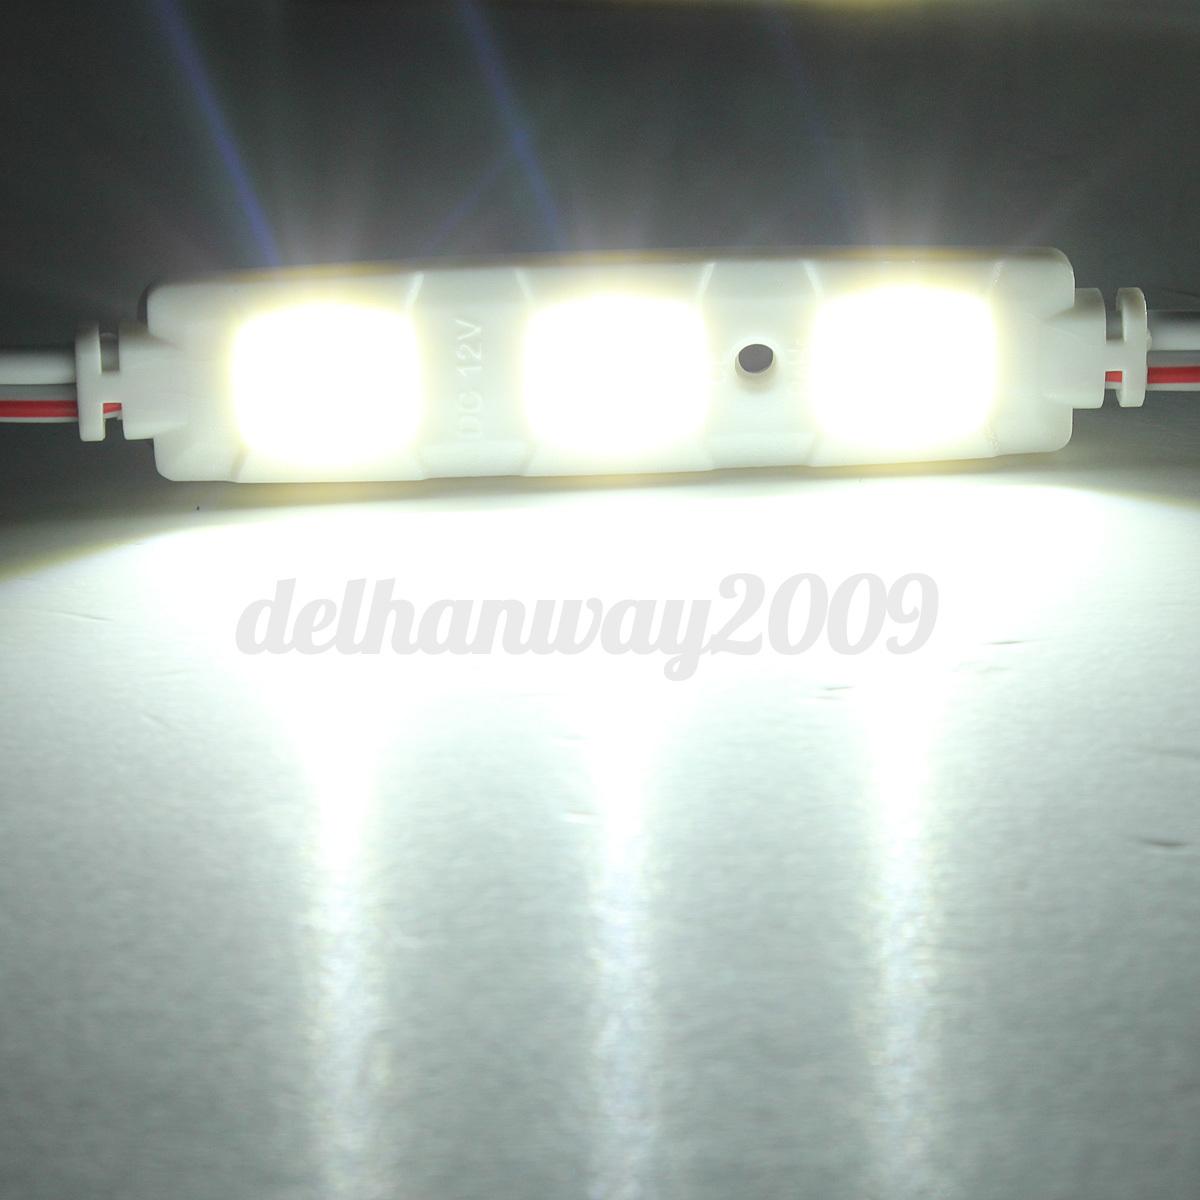 car light kit interior 12v volt 30 led white fits lwb van sprinter transit vw ebay. Black Bedroom Furniture Sets. Home Design Ideas